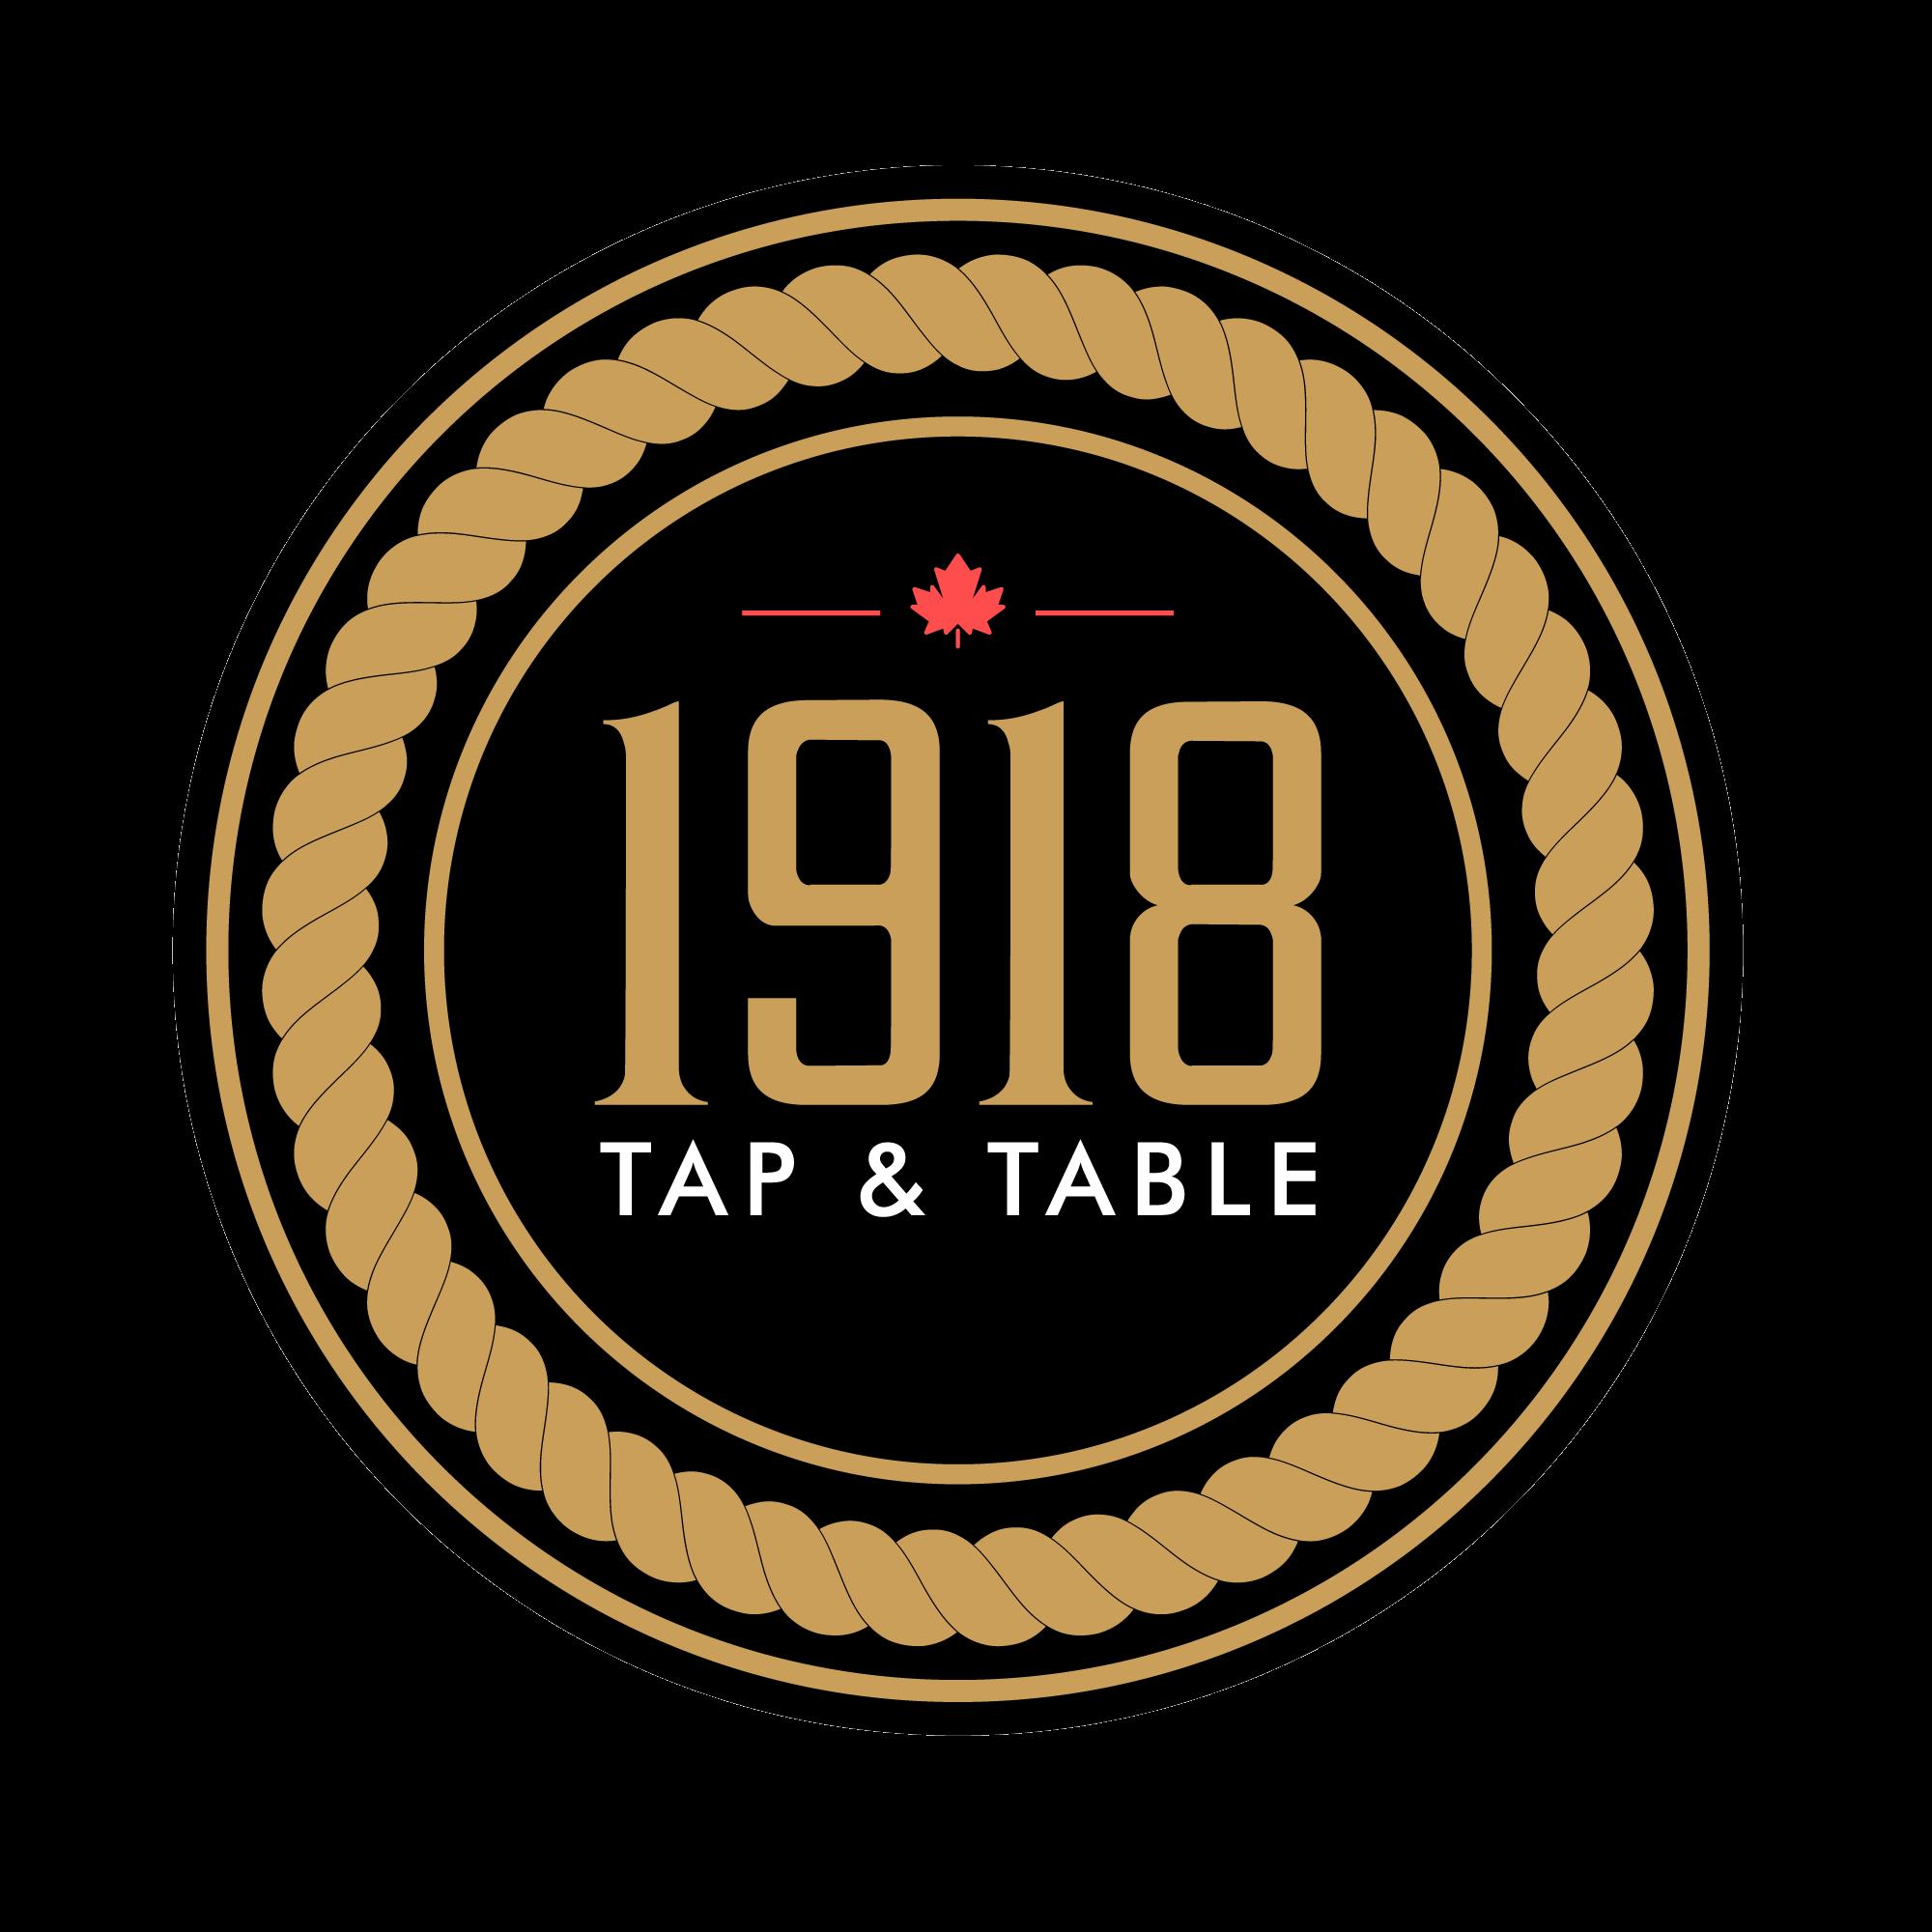 1918_Logo_Large.png